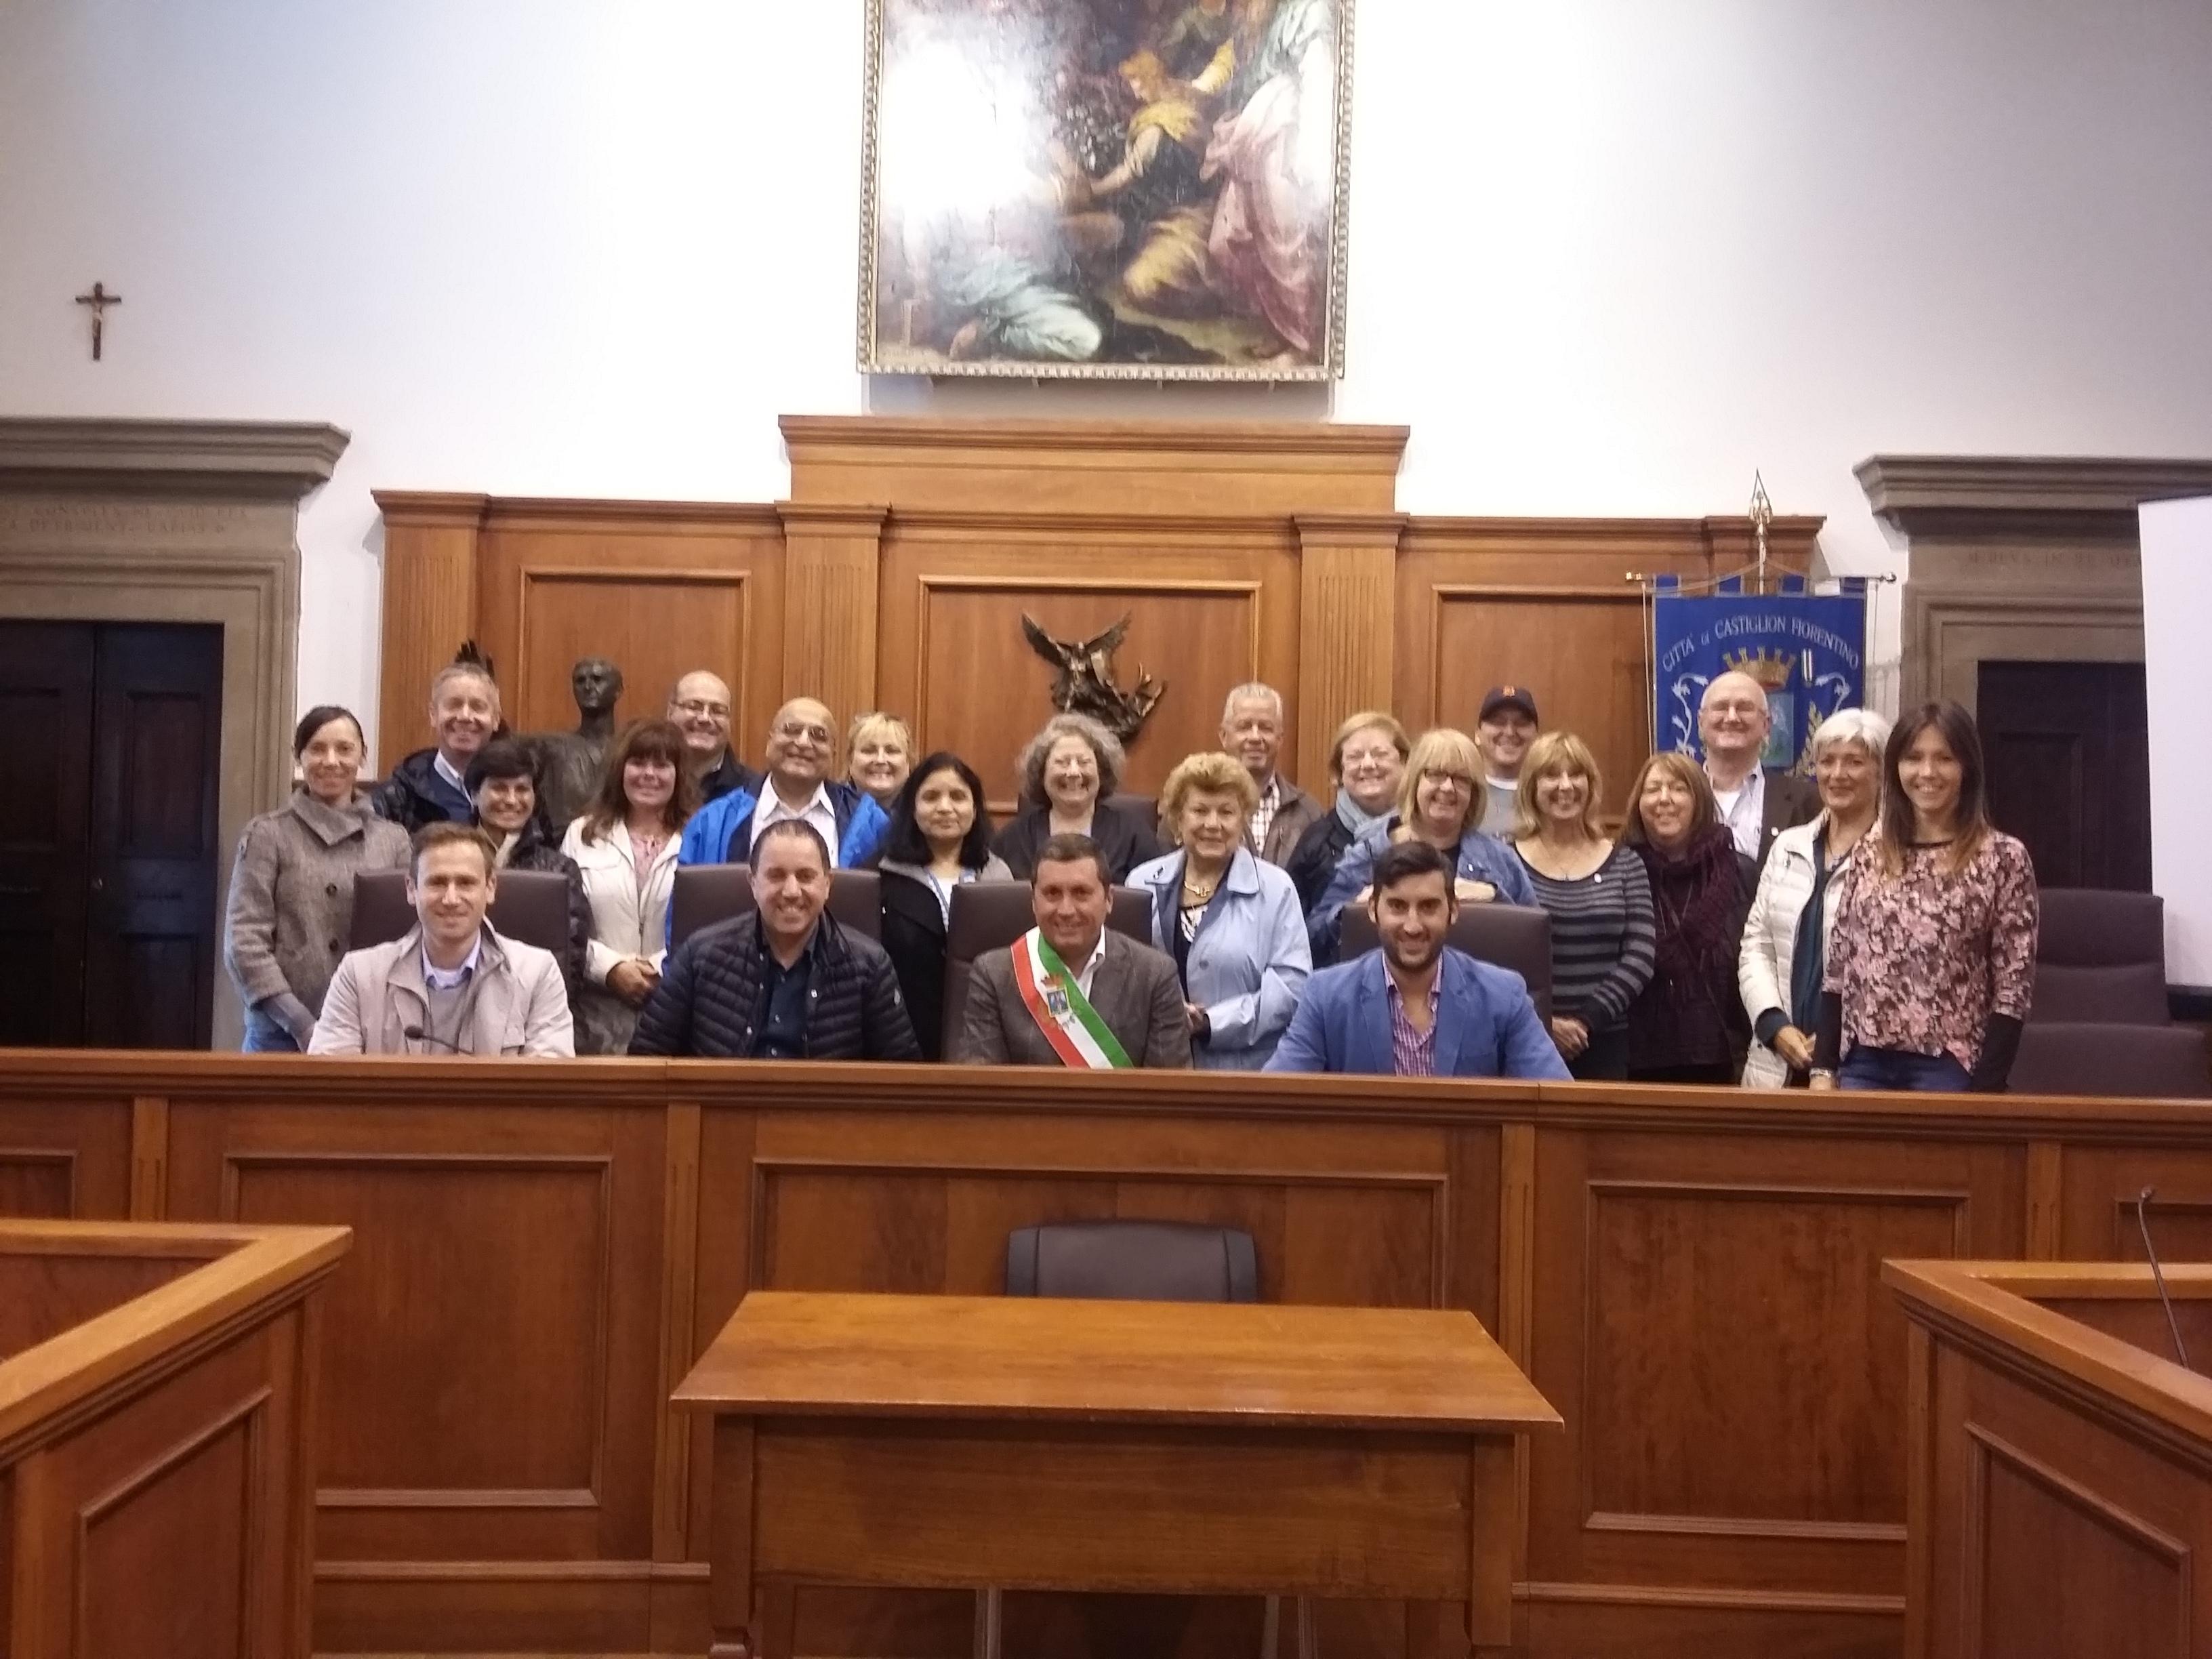 Travel Agents, esperienza positiva: Castiglioni pensa a nuove collaborazioni